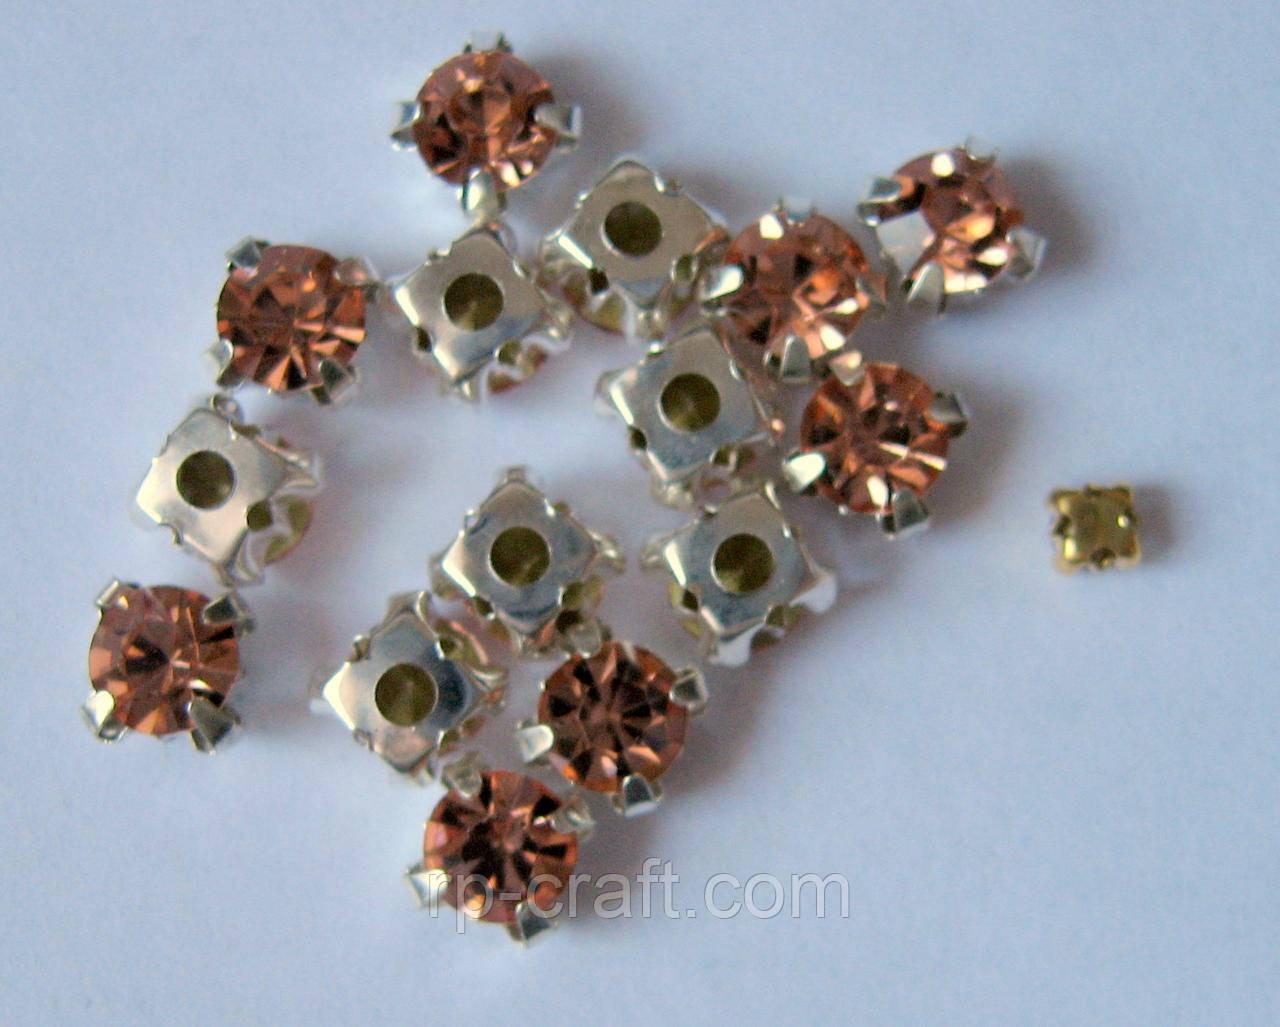 Упаковка скляних пришивних стразів в металевій закрепке, 5х6х6 мм, 15 штук